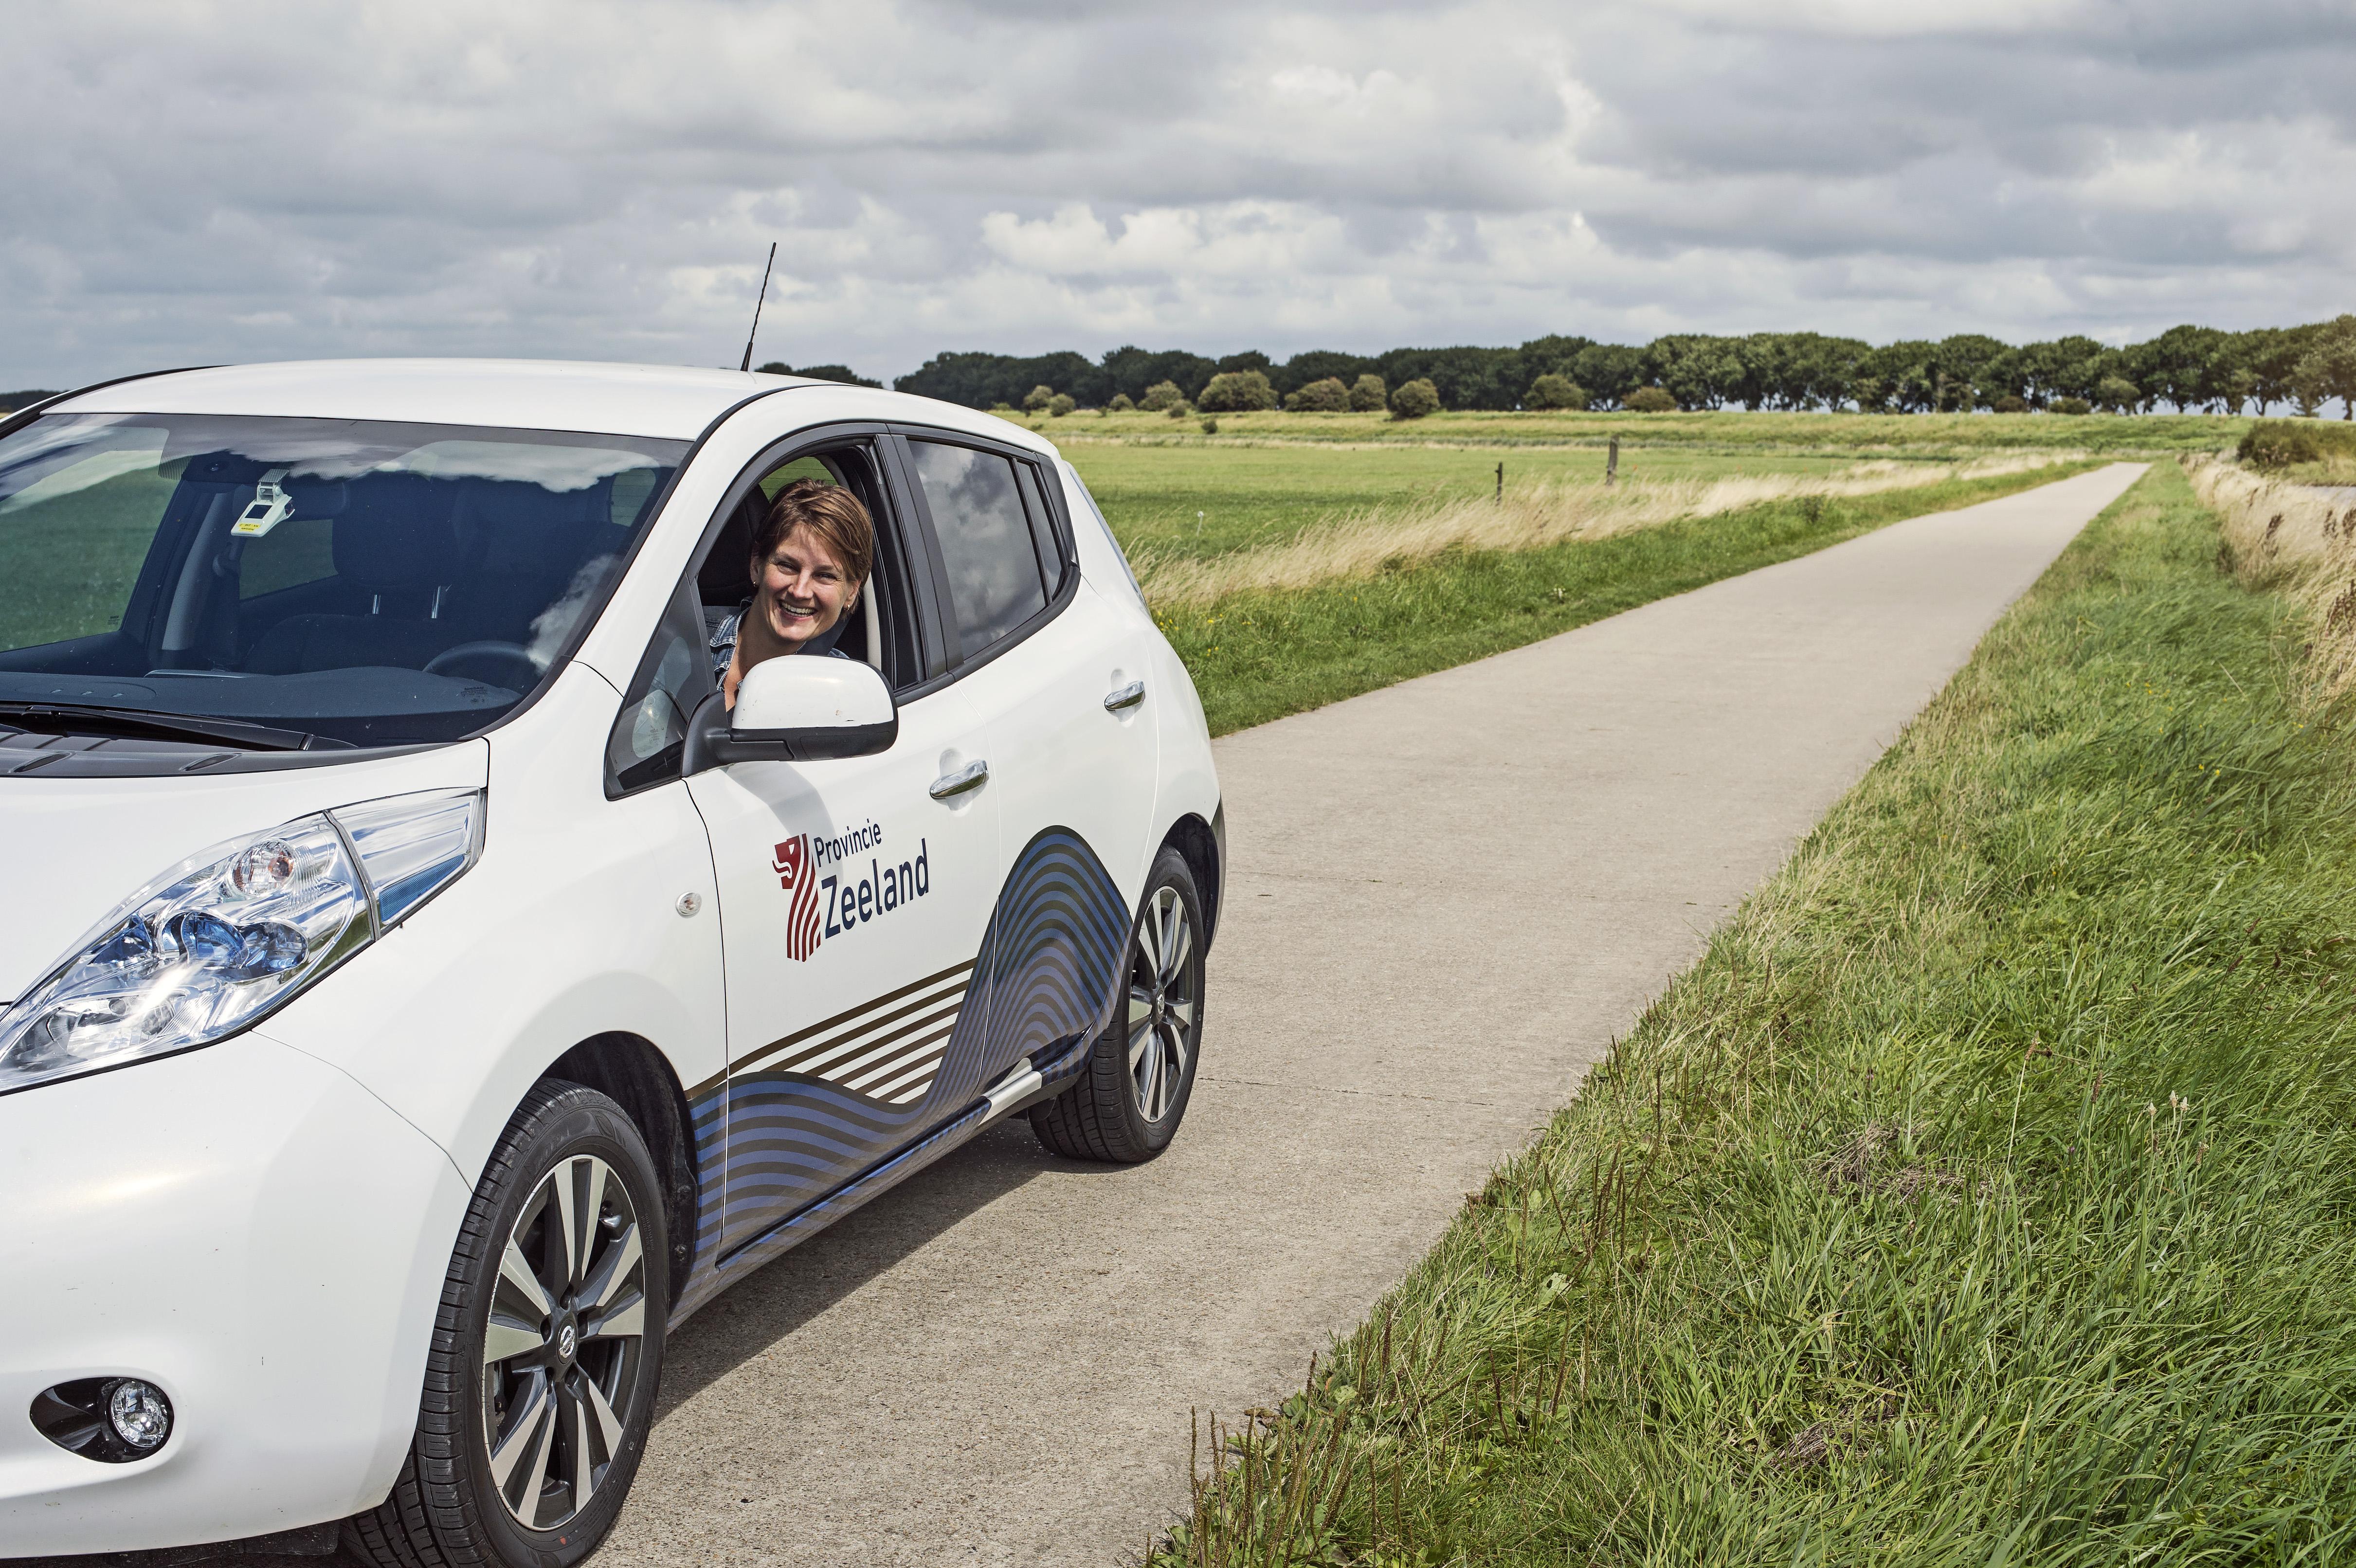 Elektrische auto Provincie Zeeland